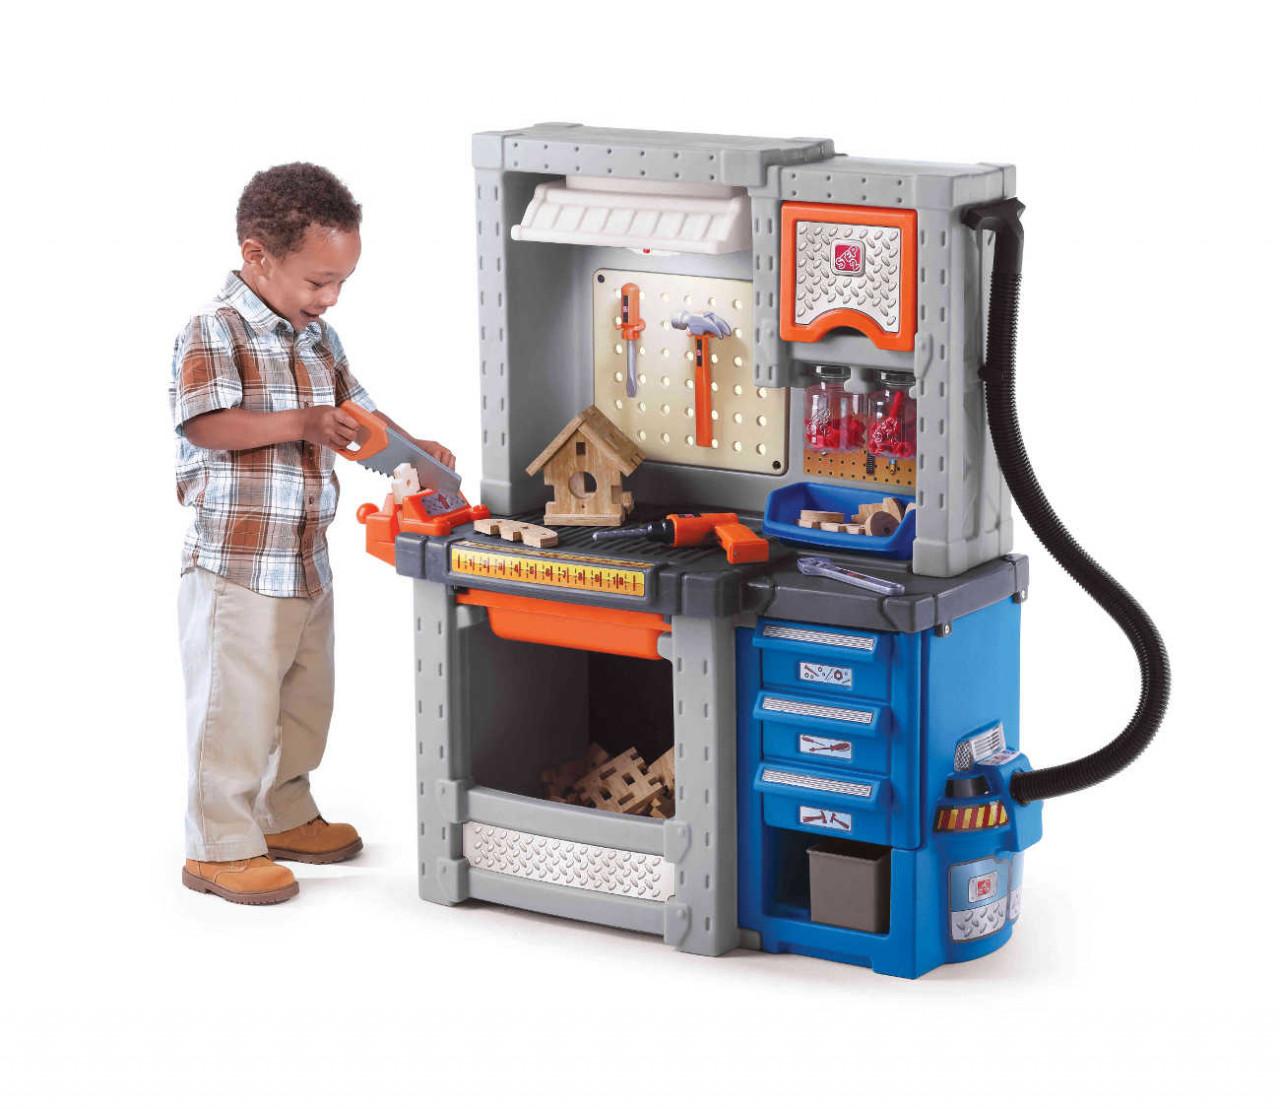 Kinder-Werkstatt Deluxe